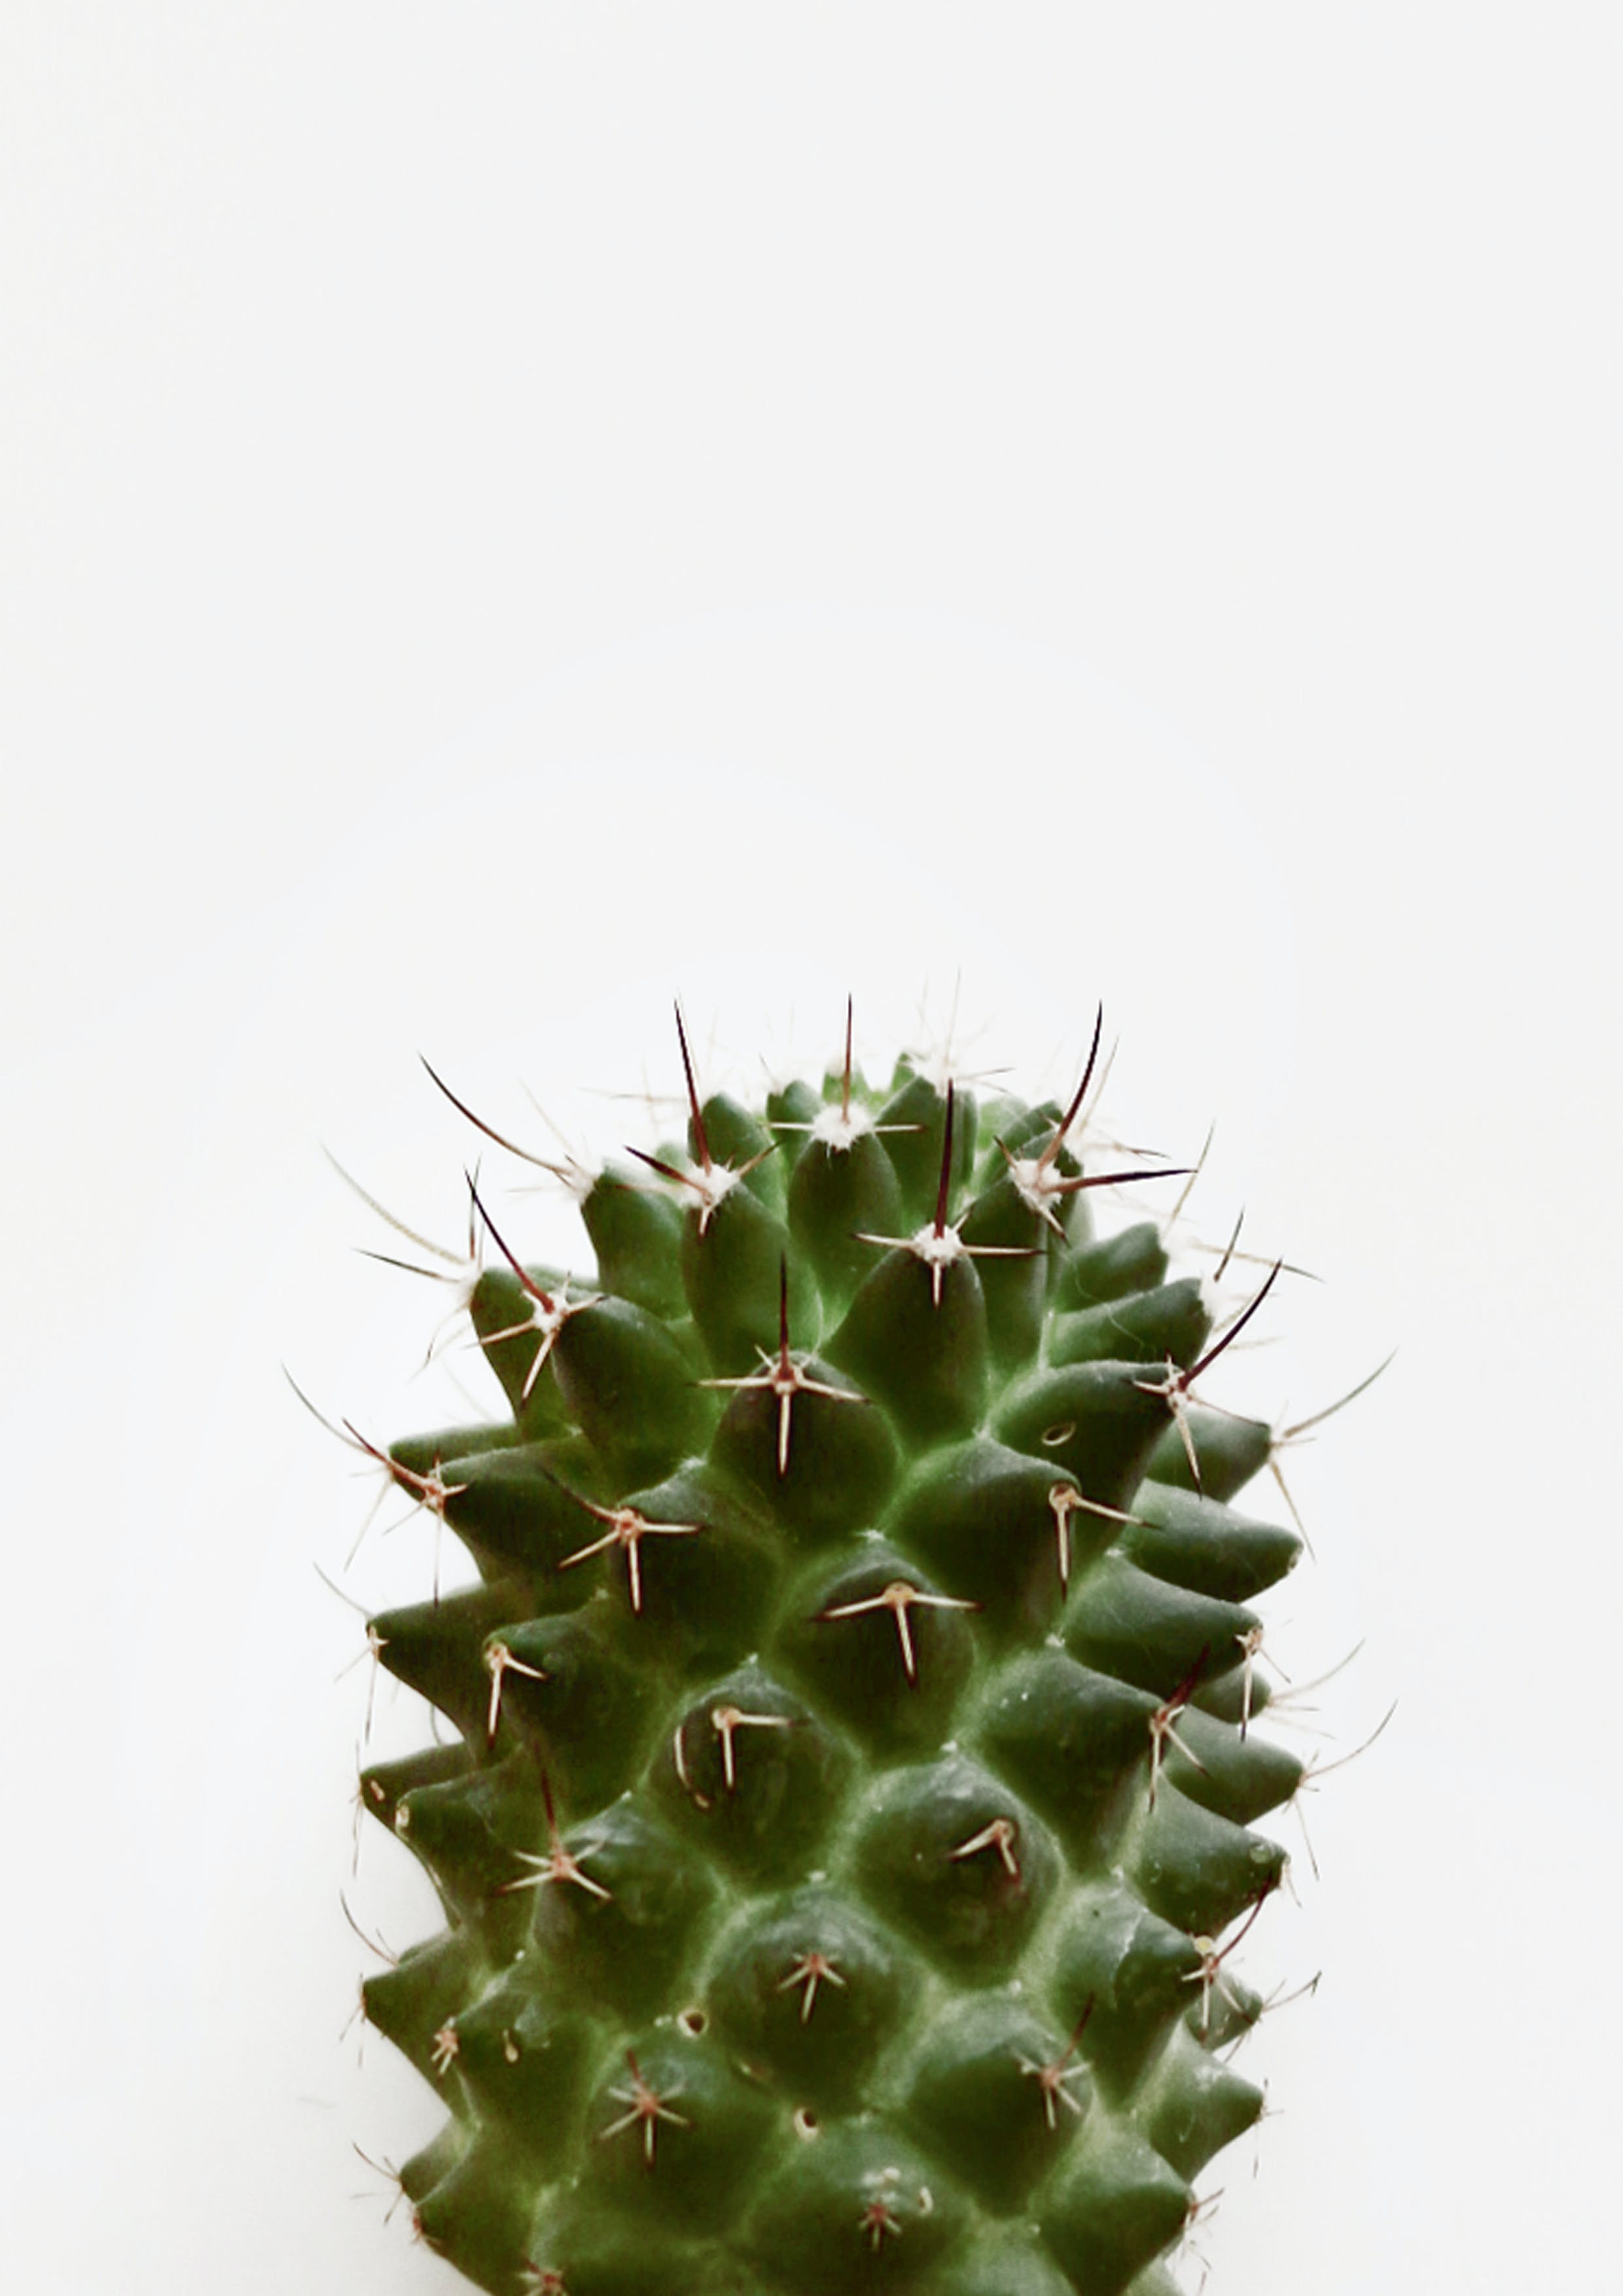 仙人掌, 刺, 室內植物, 尖刺 的 免費圖庫相片